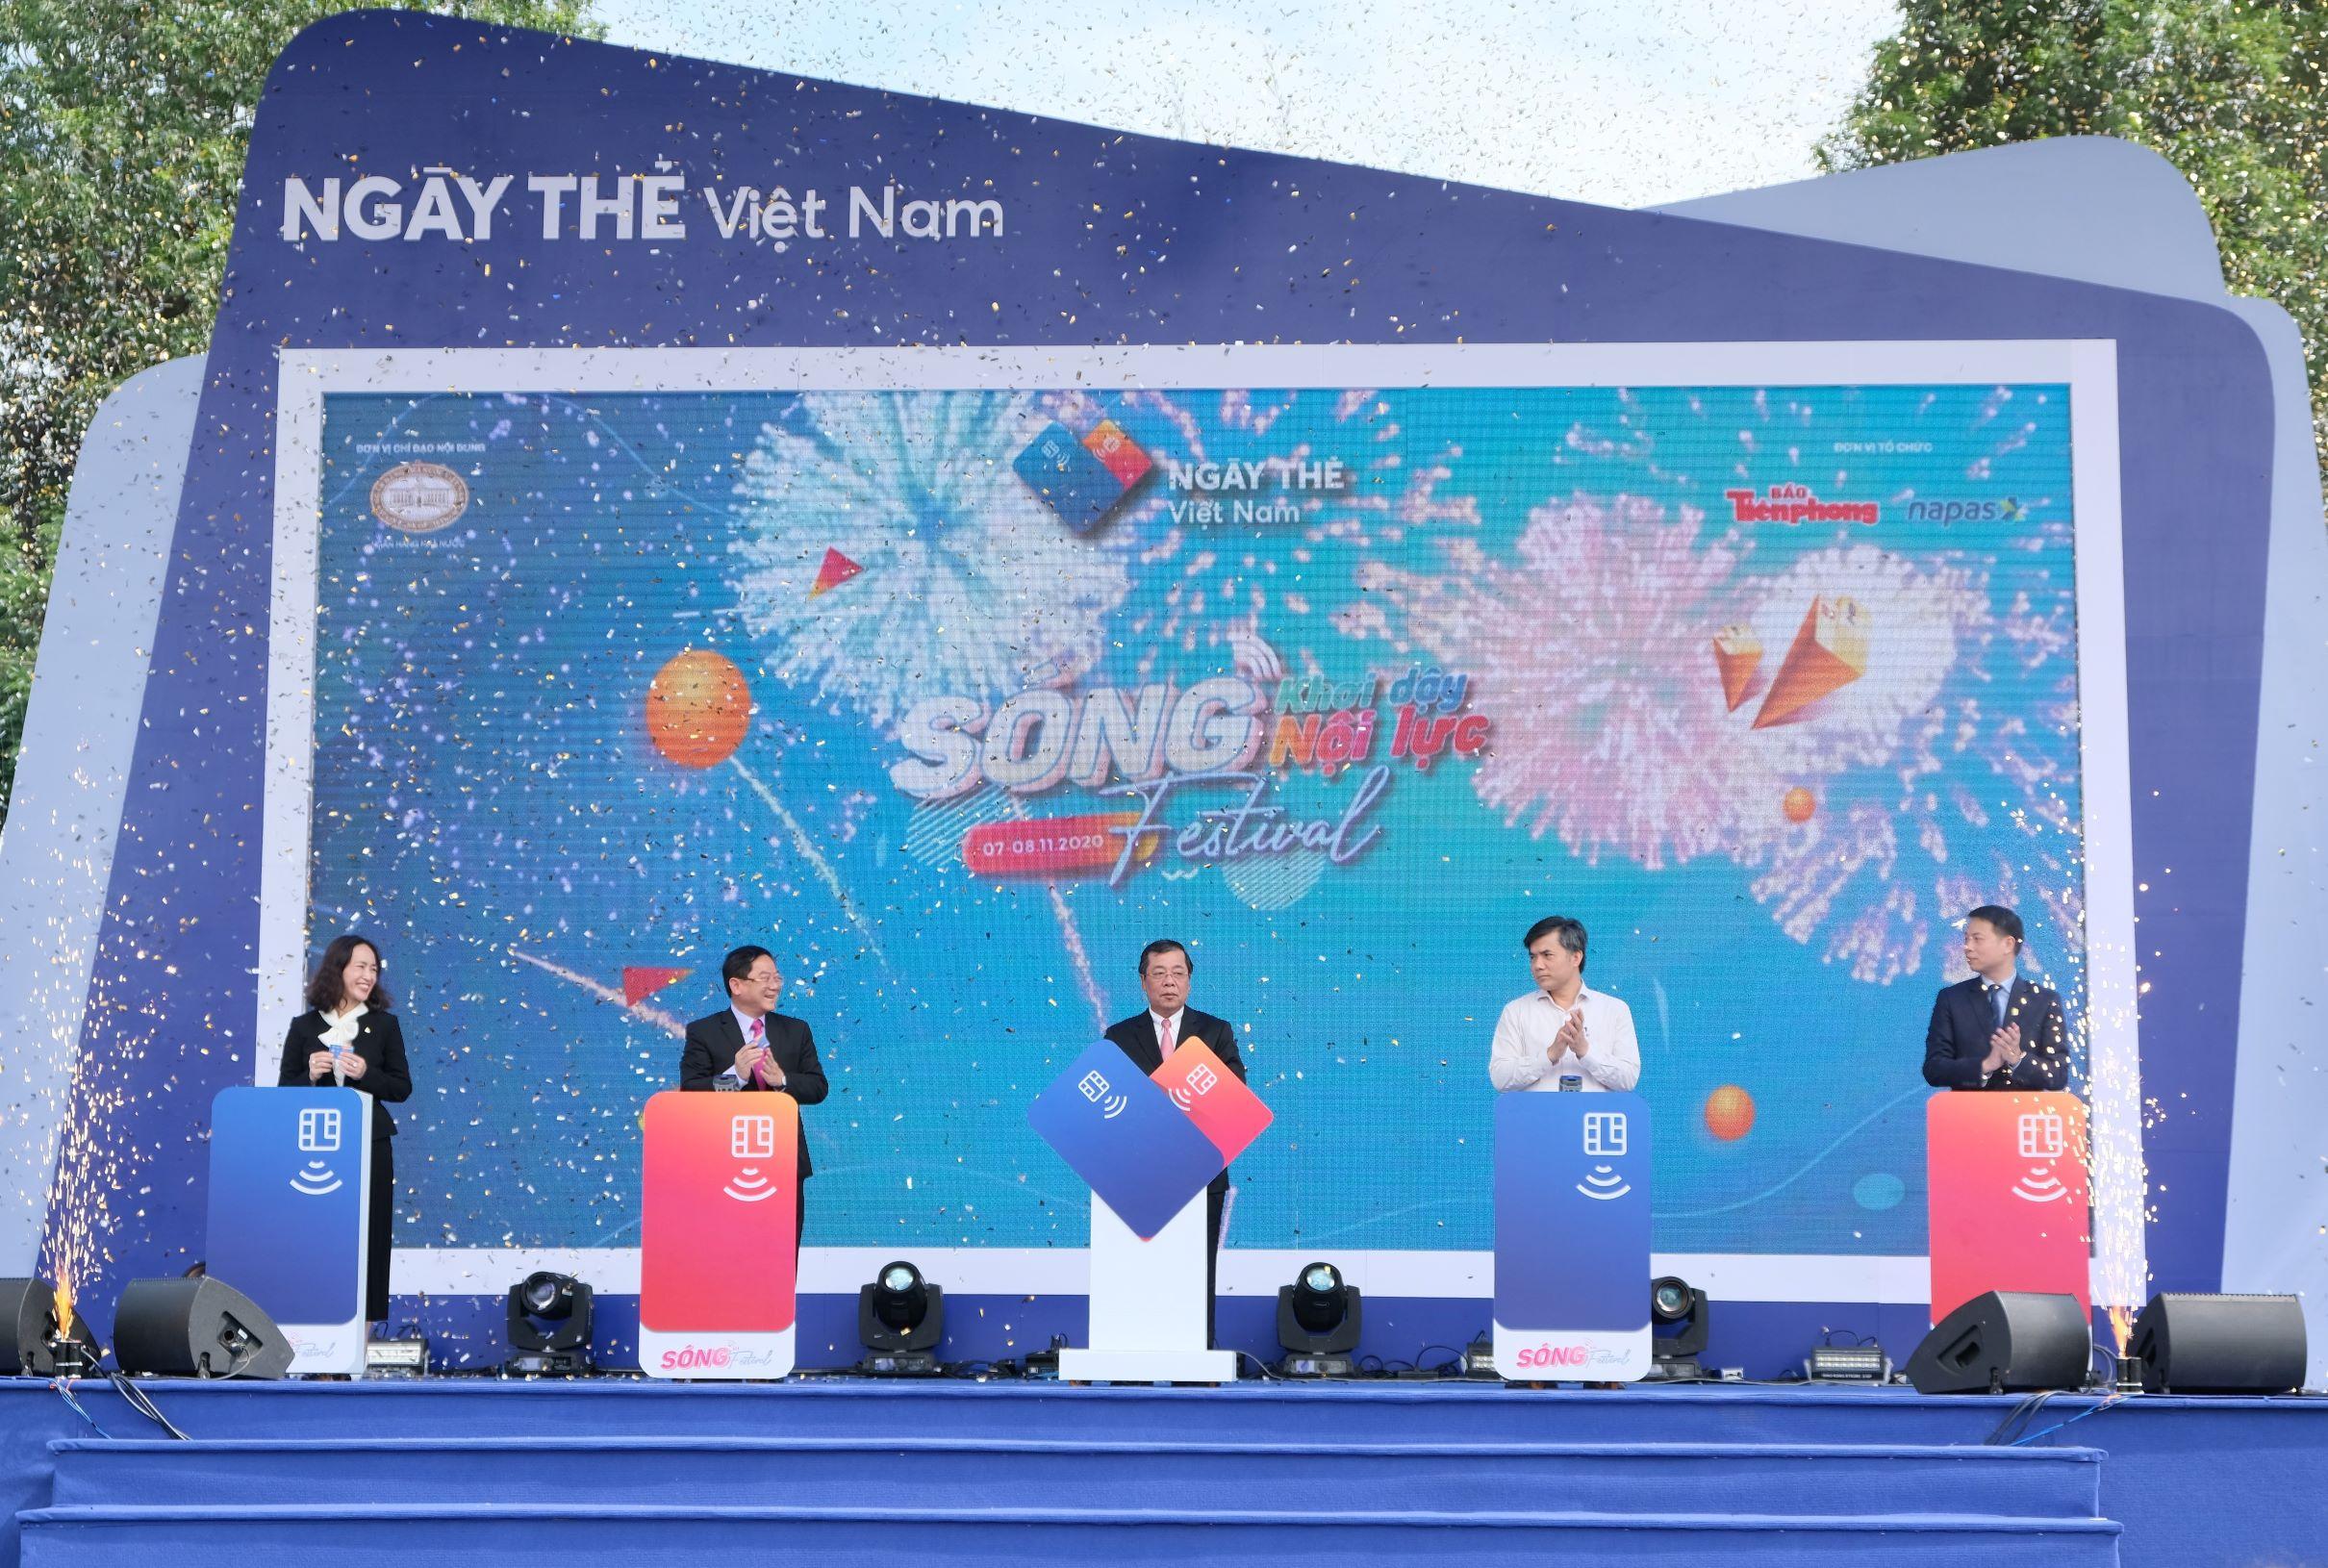 Vietcombank đồng hành cùng Sóng Festival – chuỗi hoạt động nằm trong khuôn khổ Ngày Thẻ Việt Nam 2020 - Ảnh 2